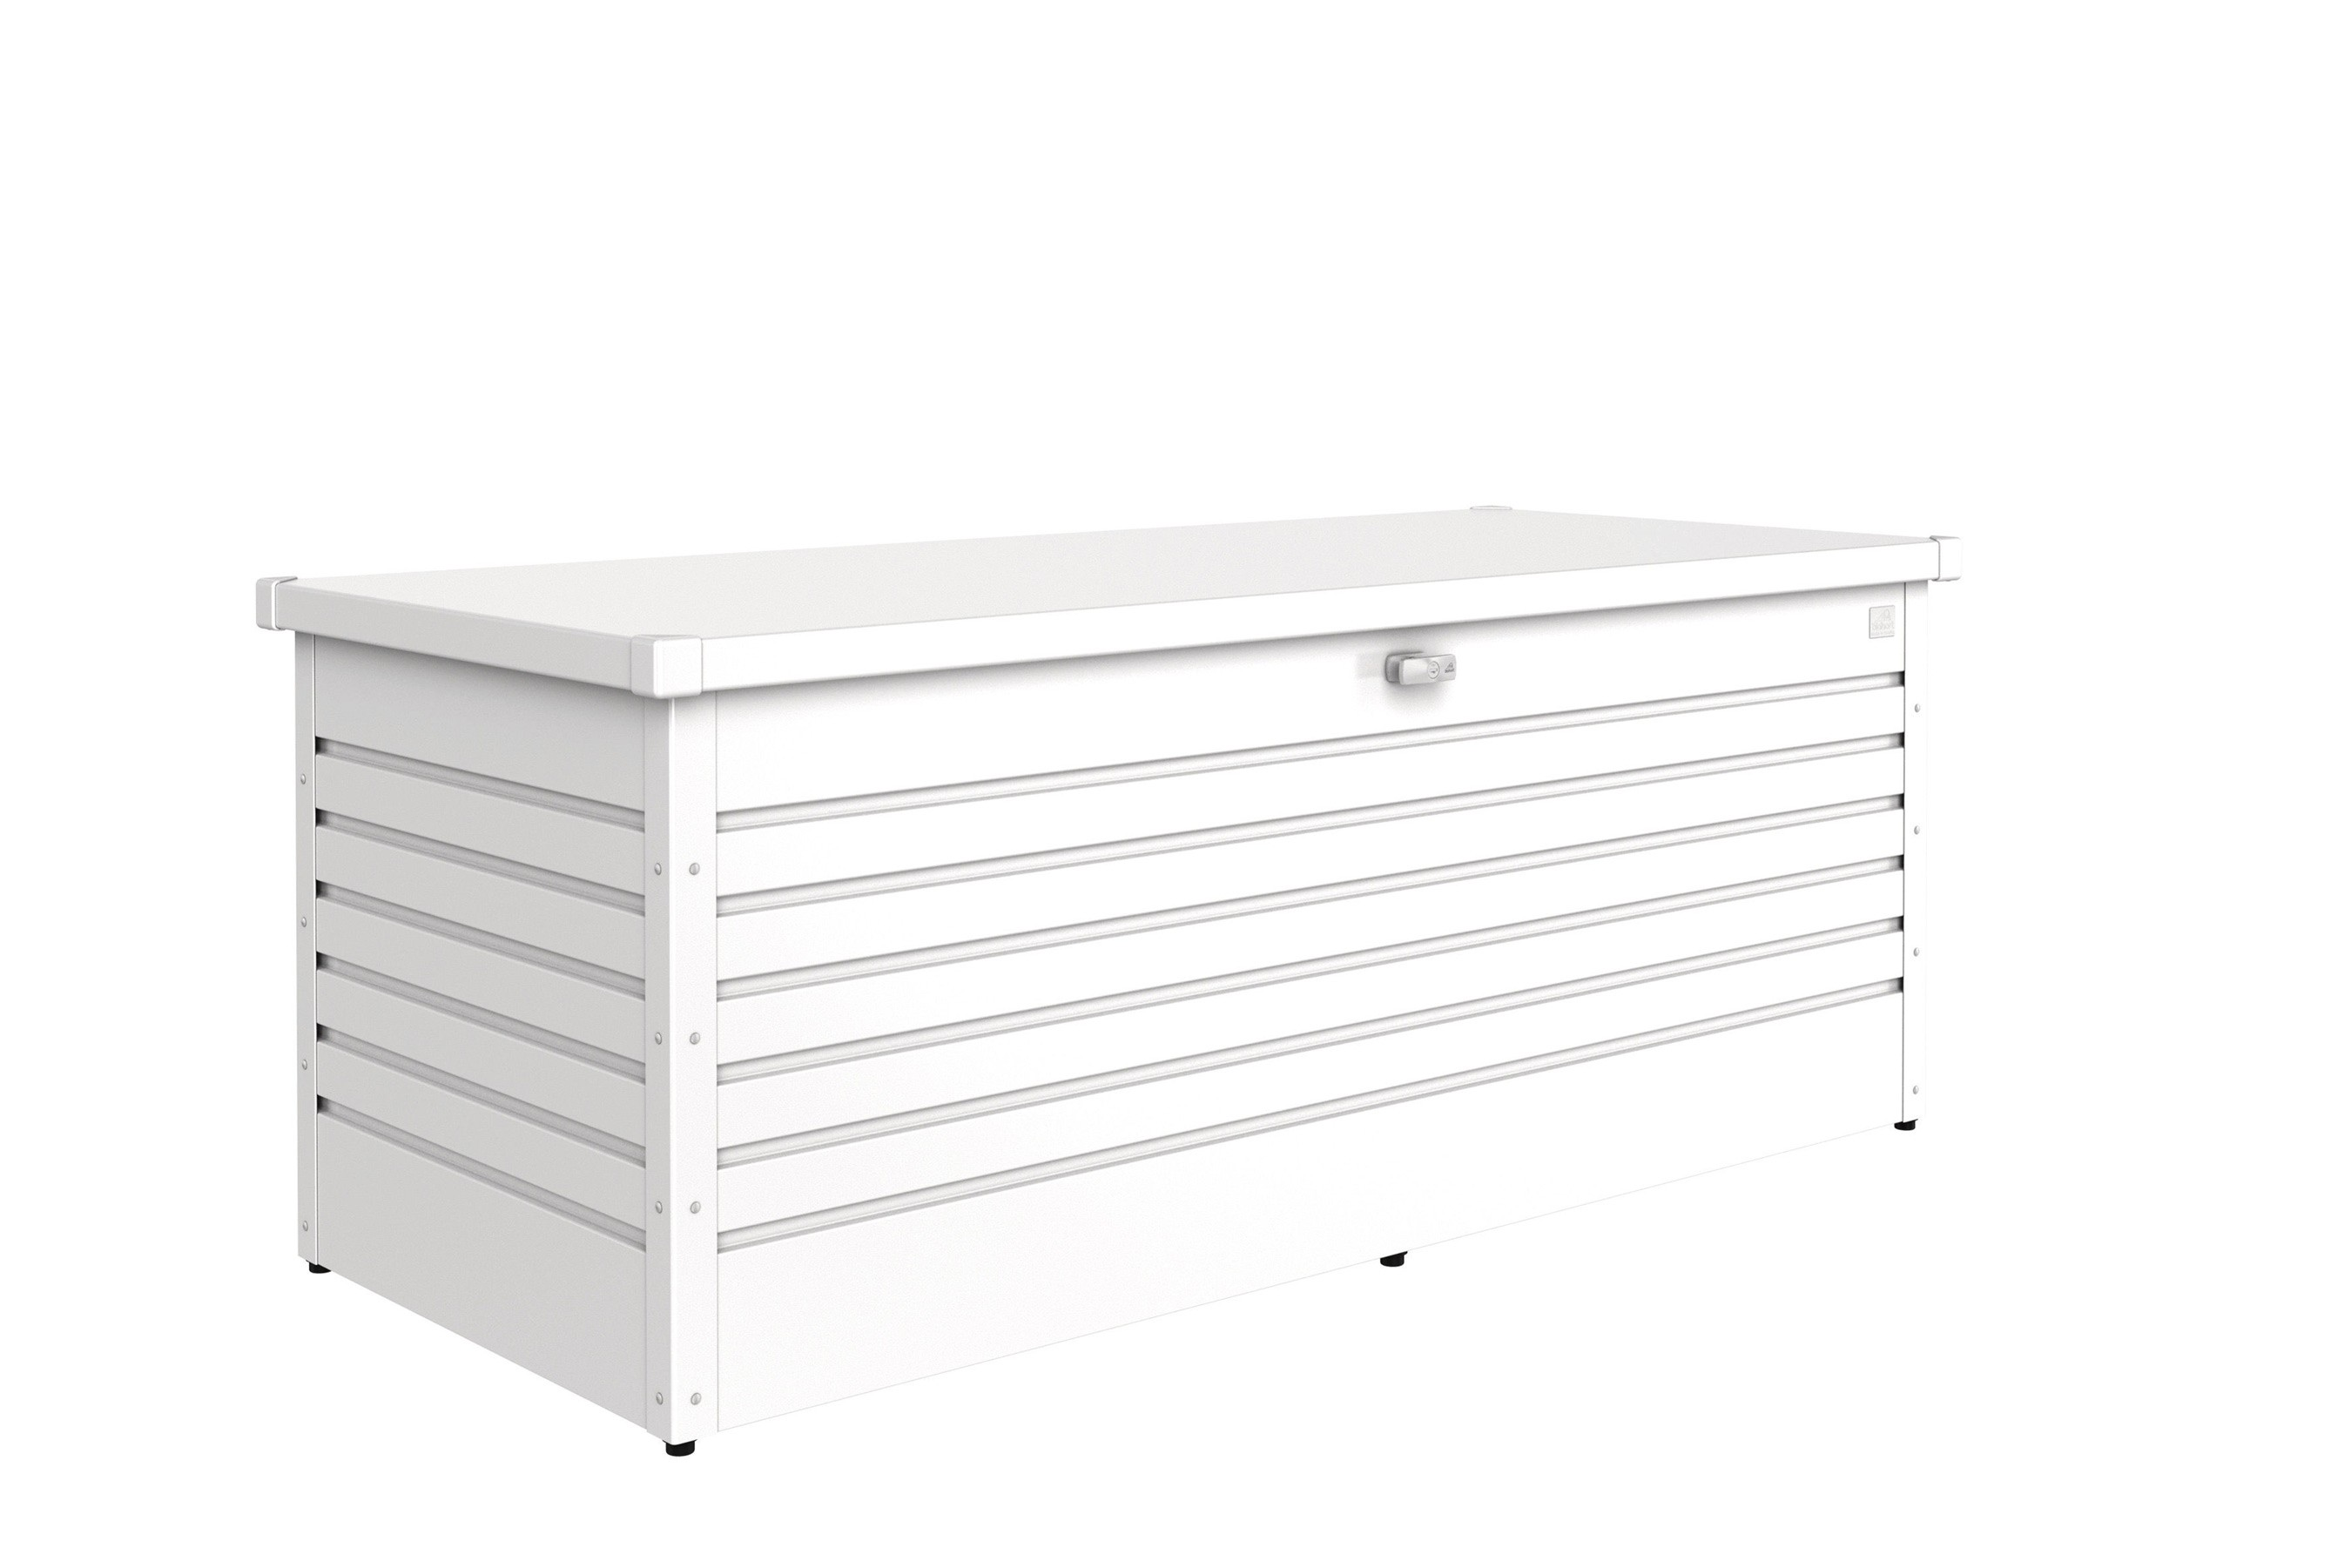 gartenbox auflagenbox biohort freizeitbox 180 weiss bei. Black Bedroom Furniture Sets. Home Design Ideas